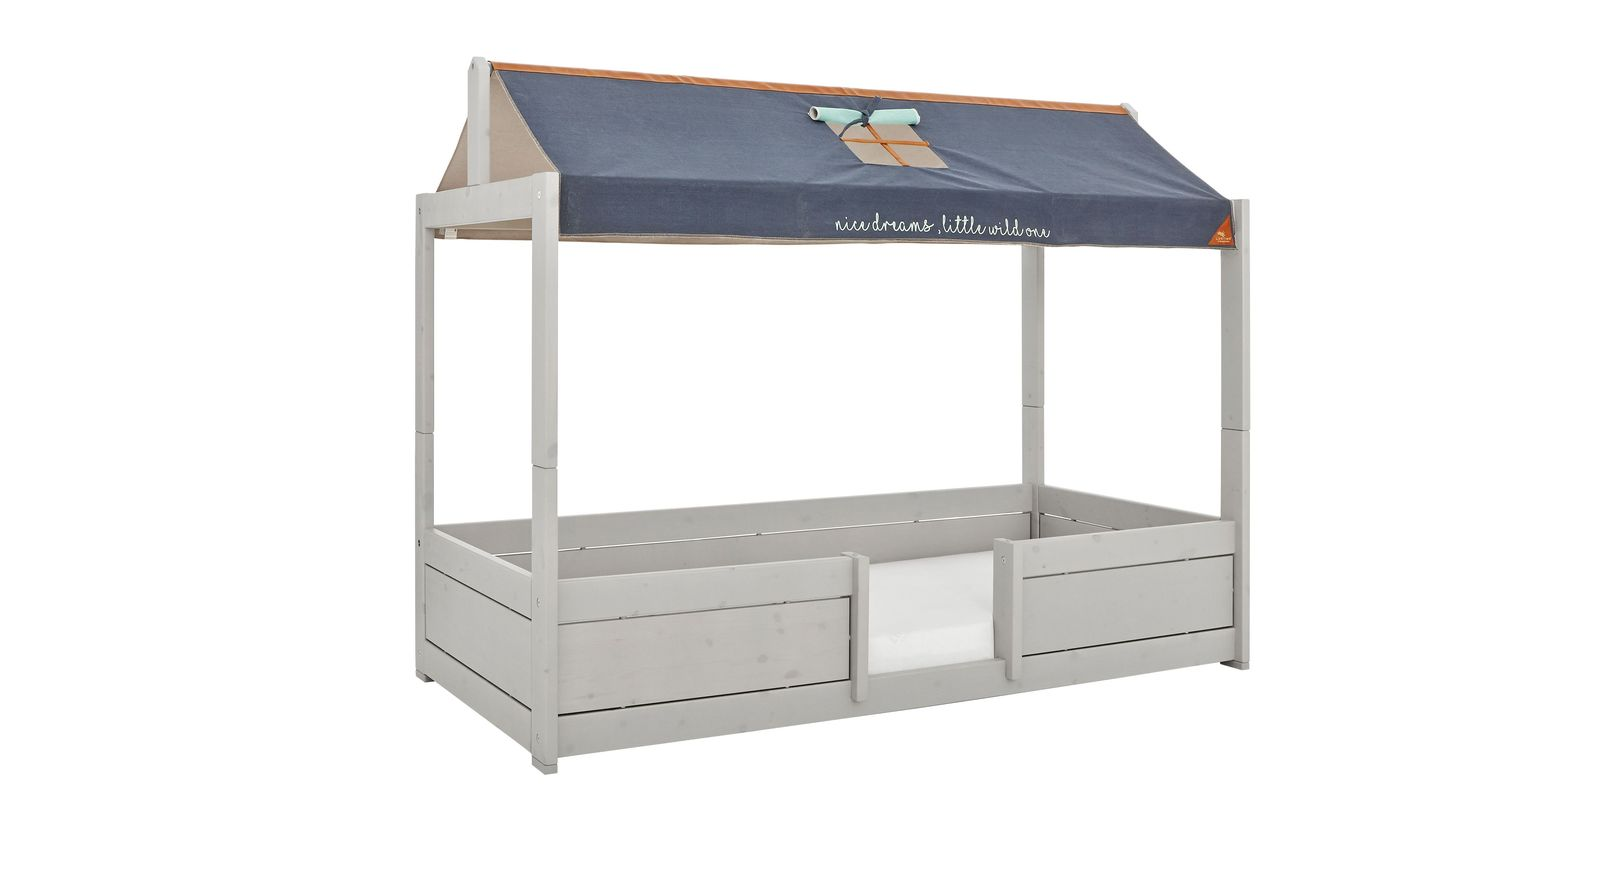 LIFETIME Kinderbett 4-in-1 Forest Ranger optional mit strapazierfähigem Stoffdach